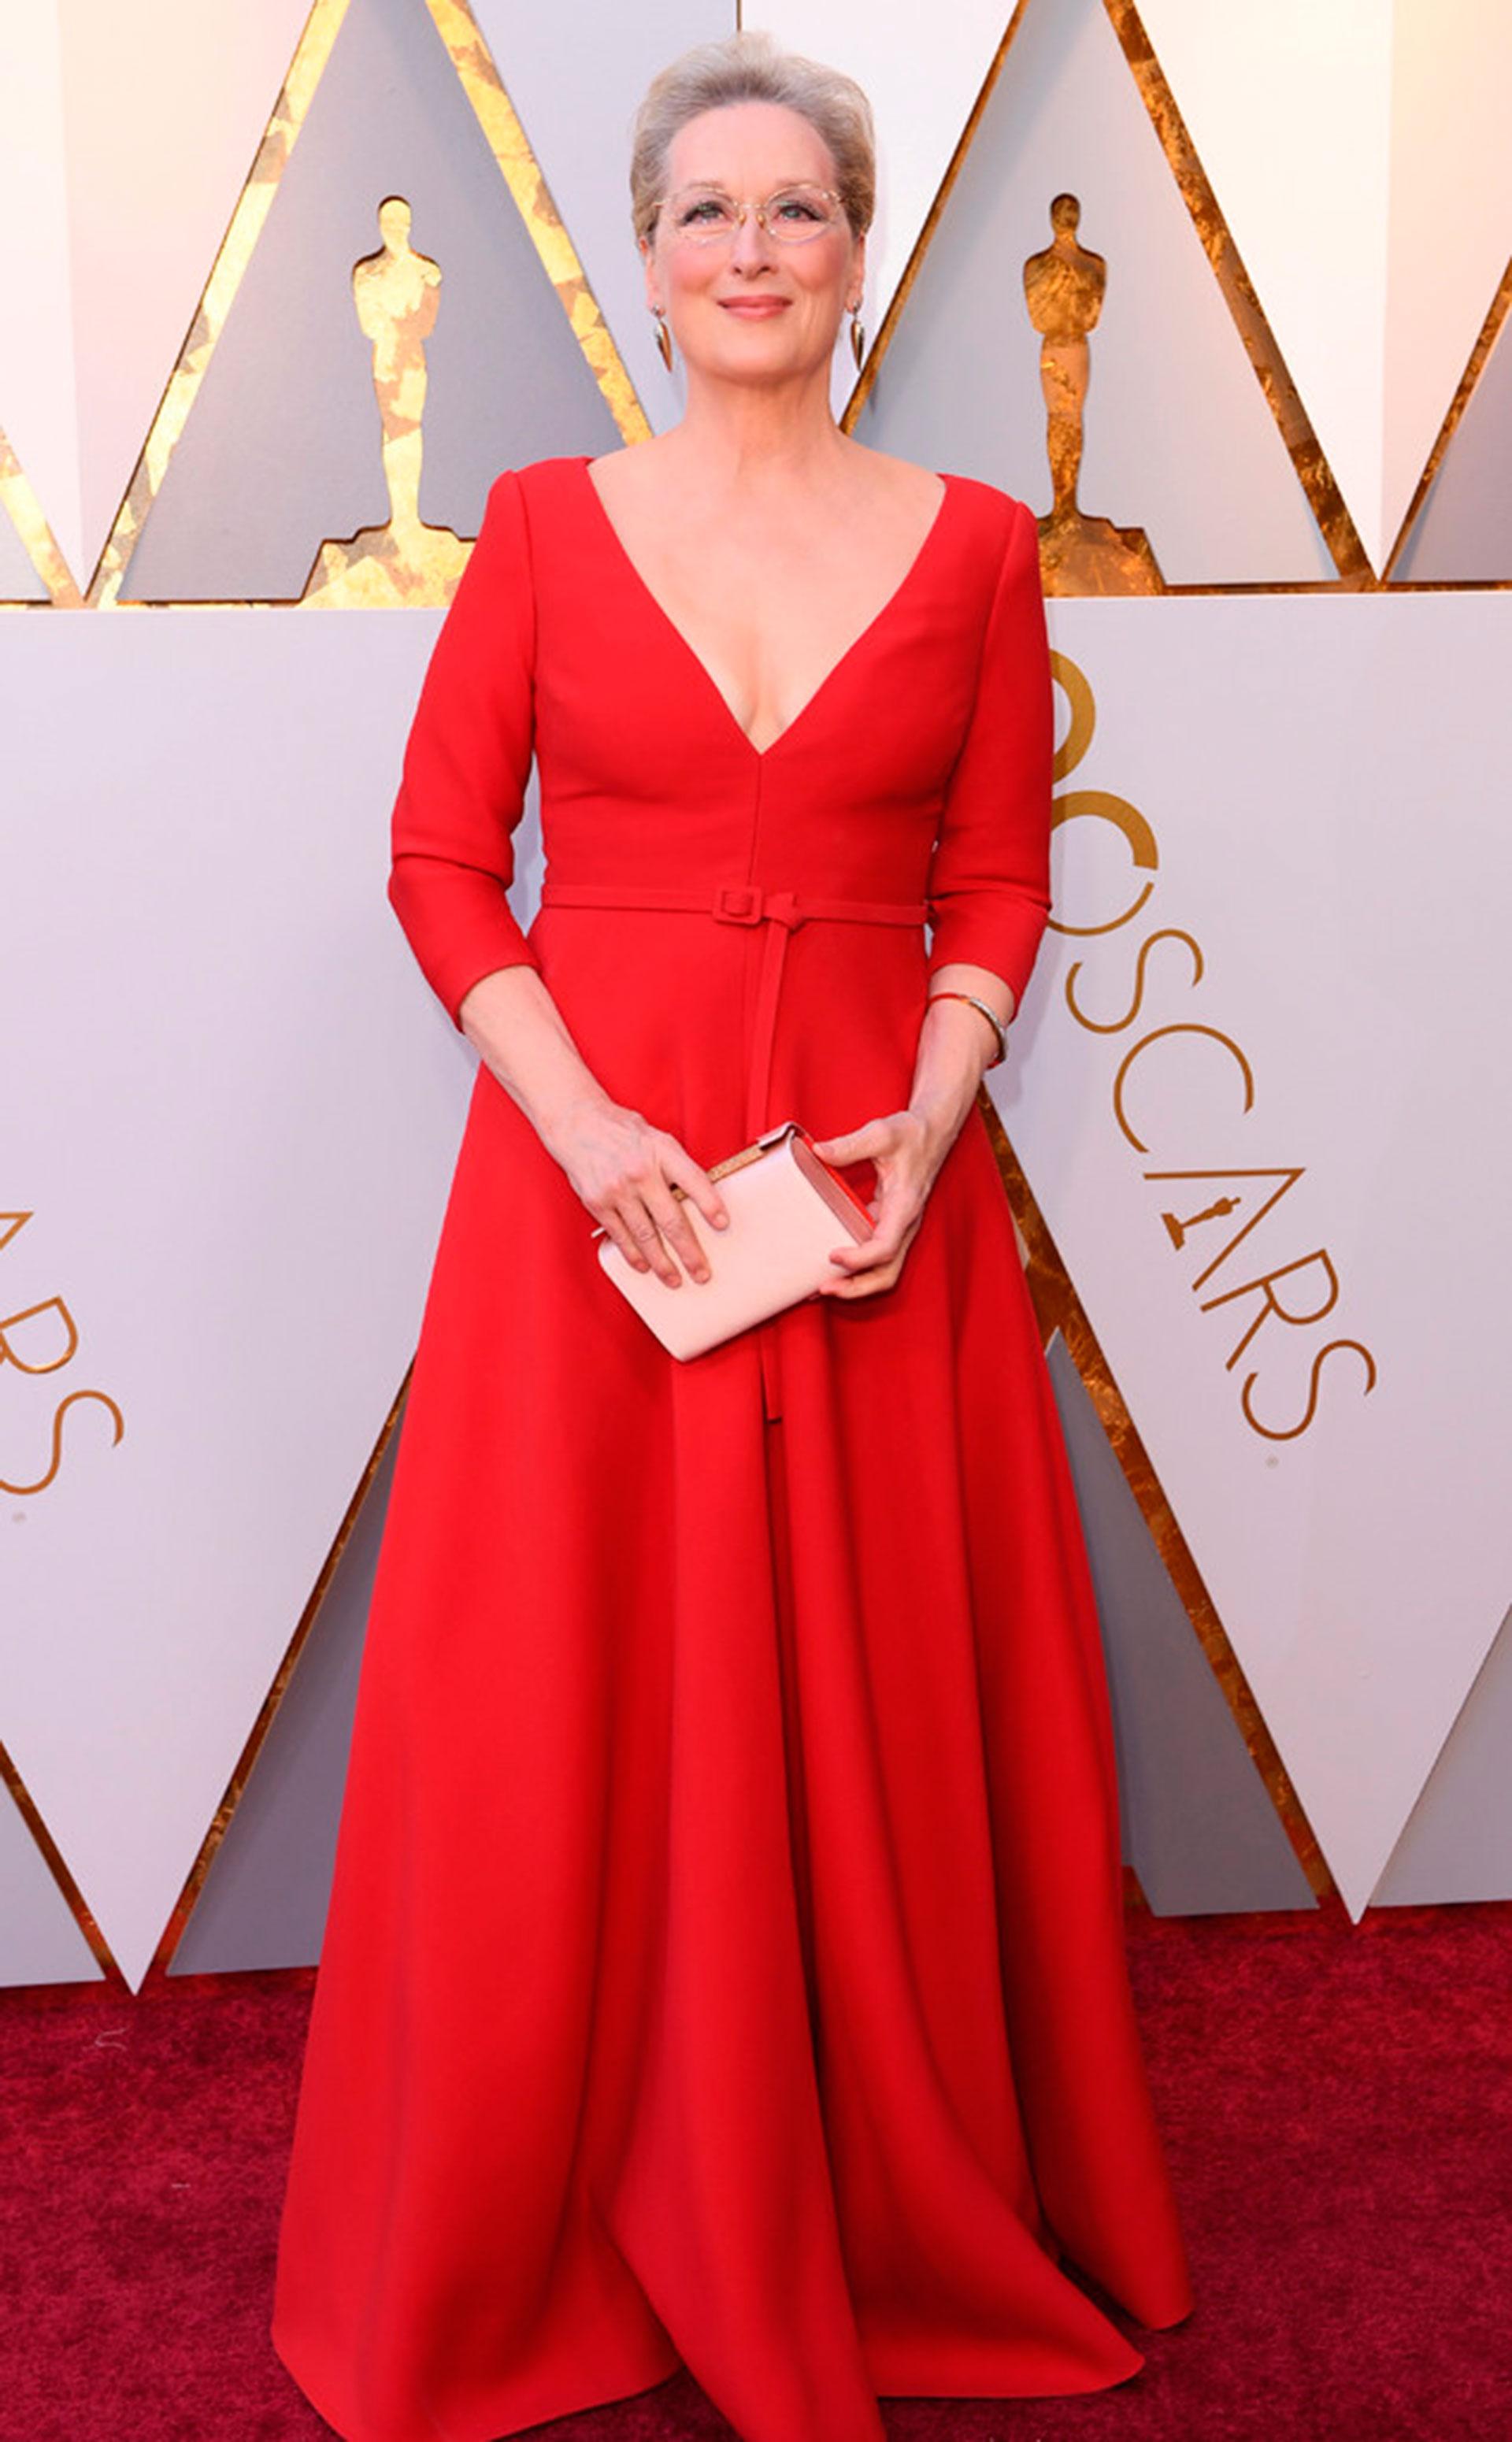 Meryl Streep, la más nominada de la historia, con un diseño en rojo y escote V (Foto gentileza E!)